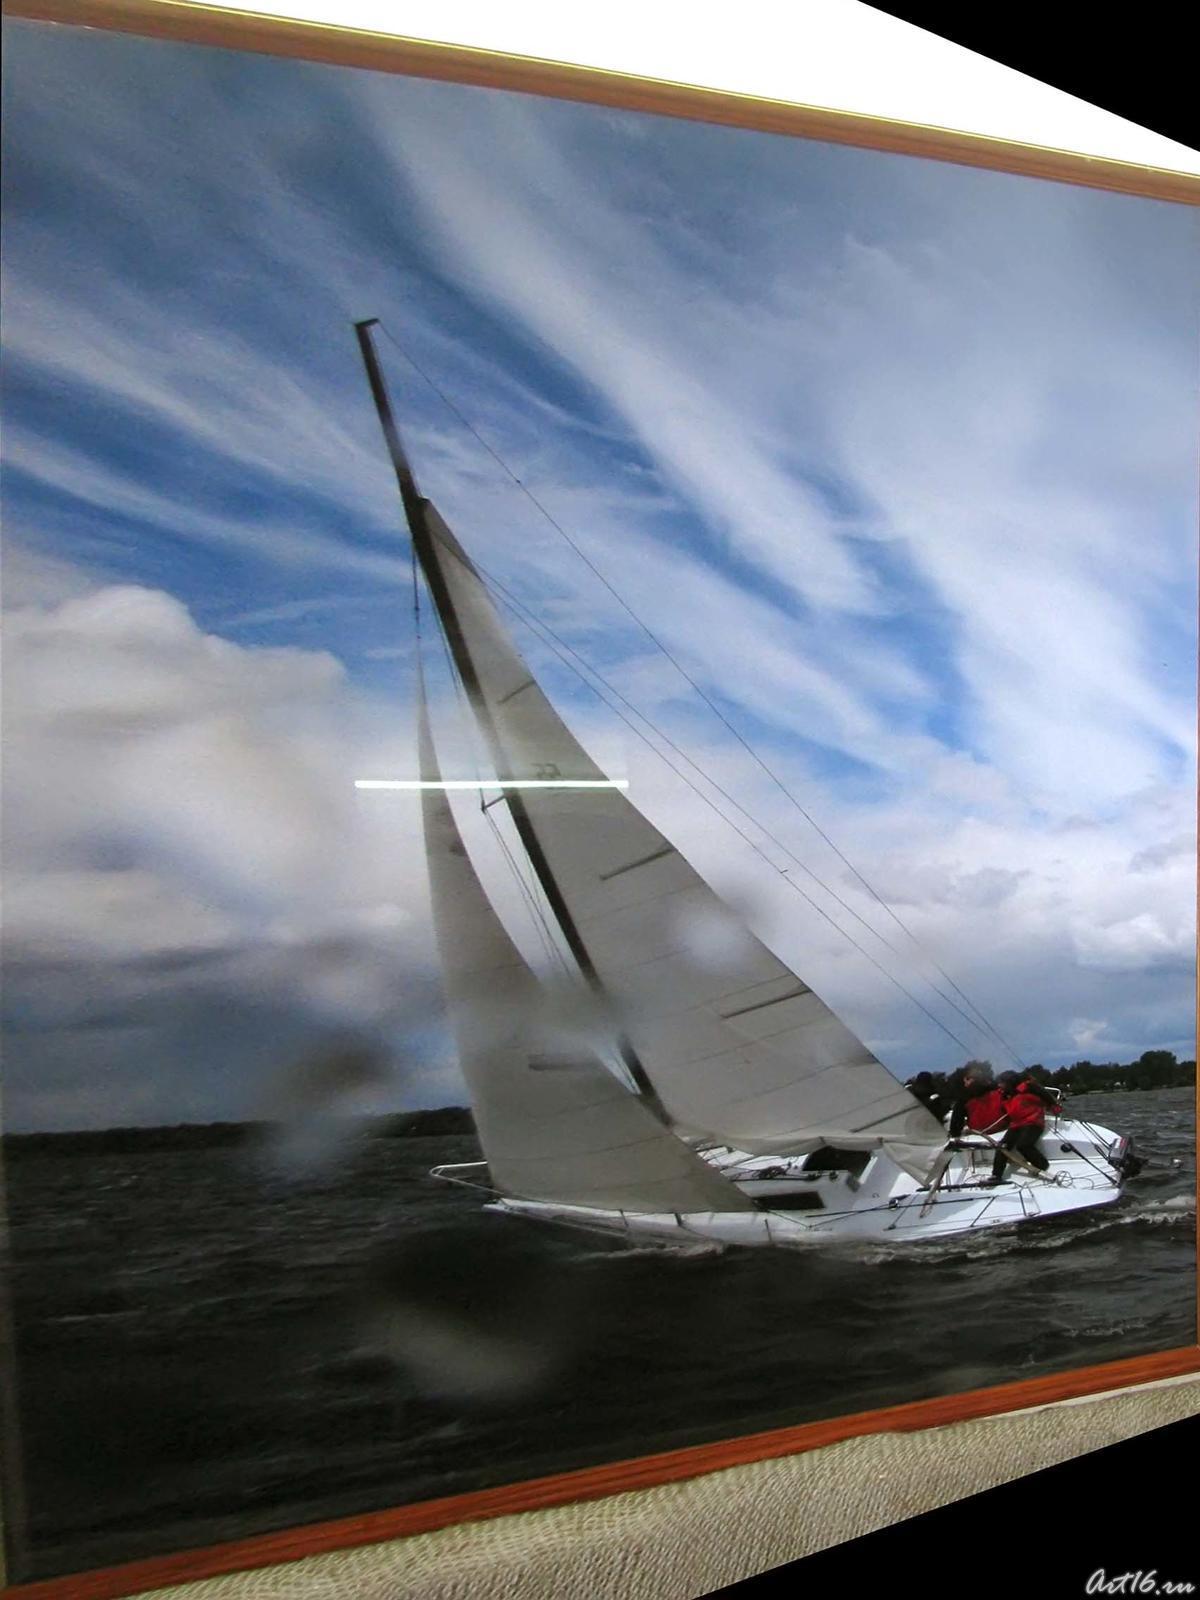 Фото №42784. Яхта